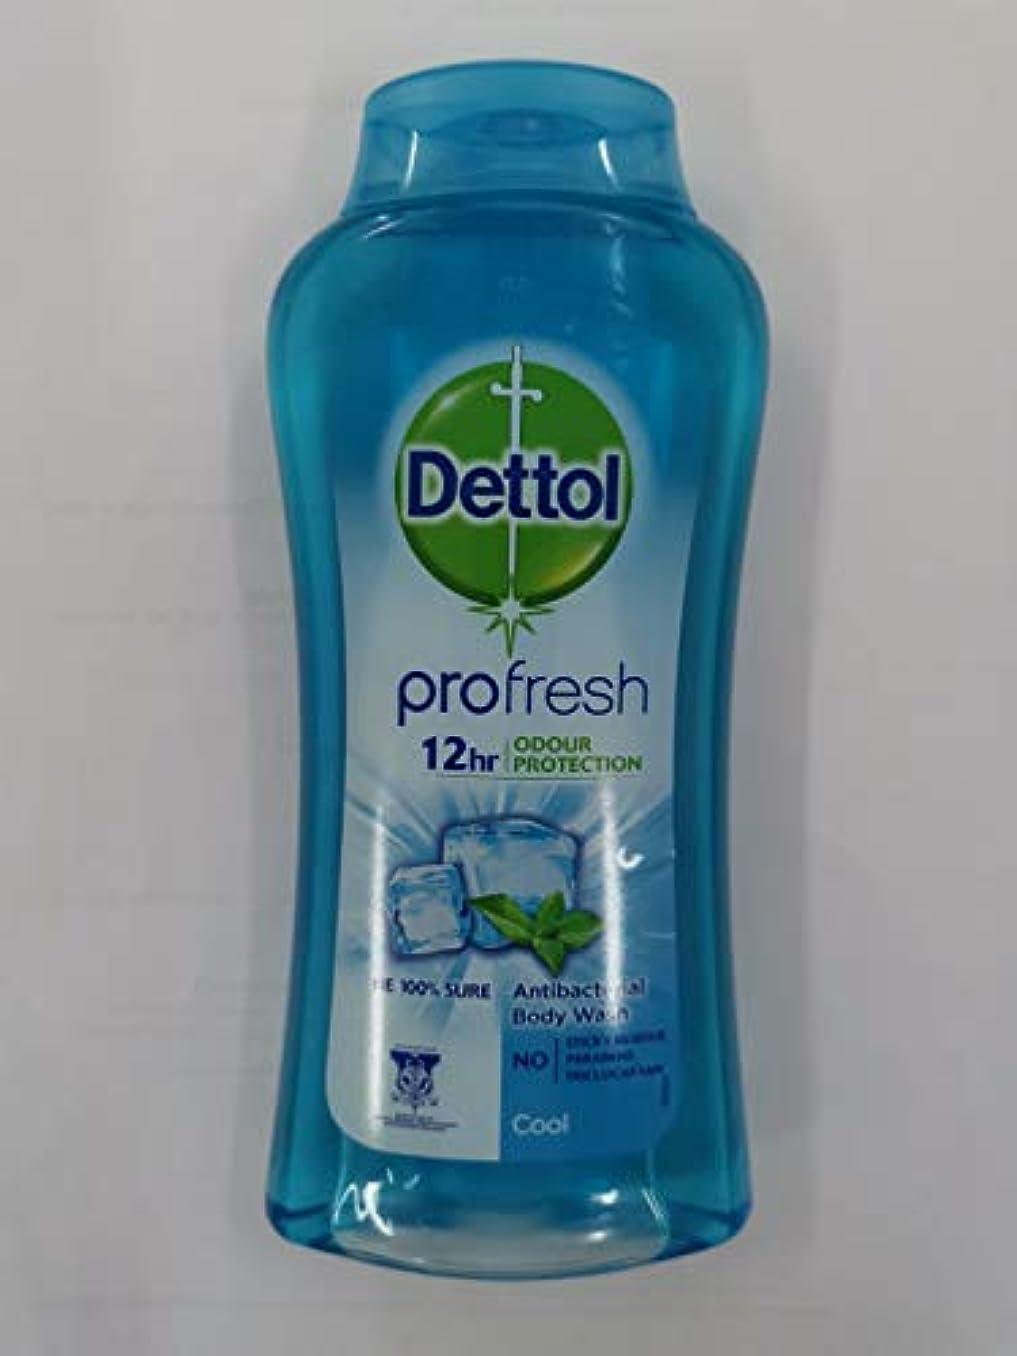 輪郭環境に優しいくつろぐDettol 100%ソープフリー - - 平衡のpH値 - クリーム含有する毎日の細菌を防ぐために、コールドシャワージェル250mLの